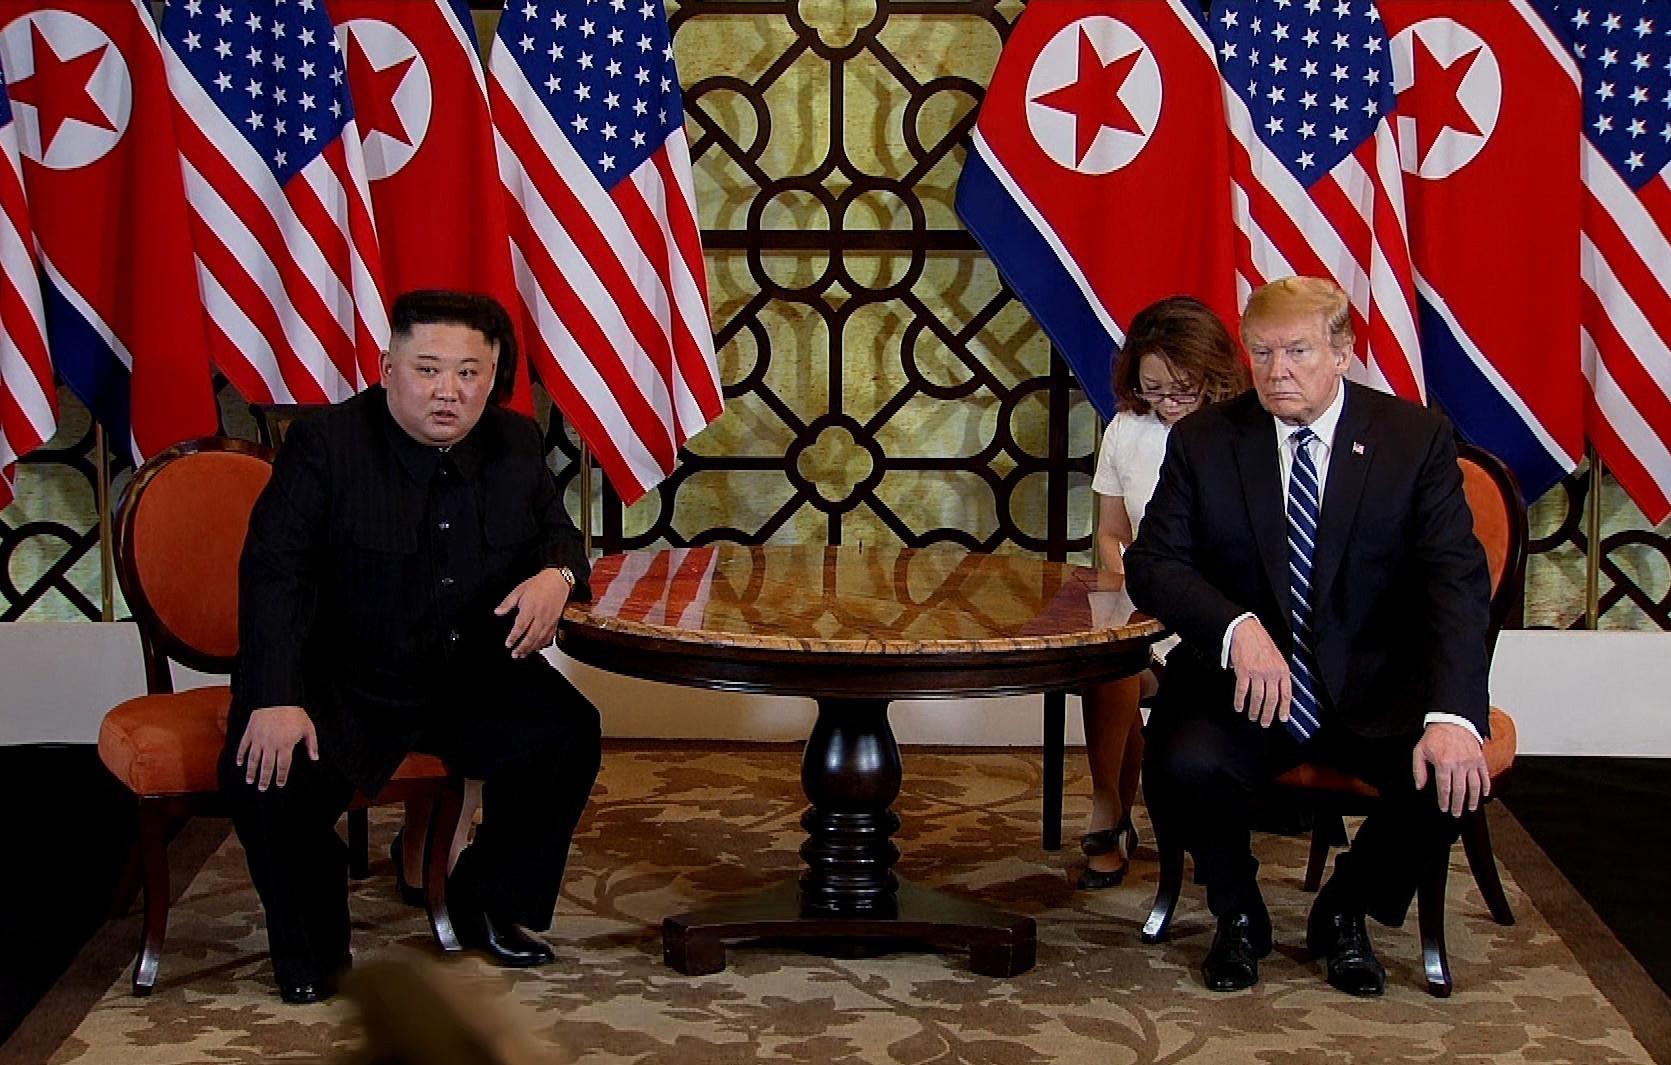 2月28日,美國總統特朗普和北韓領導人金正恩在完成了上午的談判後,突然宣佈取消工作午餐和聯合協議的簽署儀式。協議碰壁的主要原因是制裁問題,再有就是在無核化上,北韓沒有滿足美國的要求。(Photo by Vietnam News Agency/Handout/Getty Images)